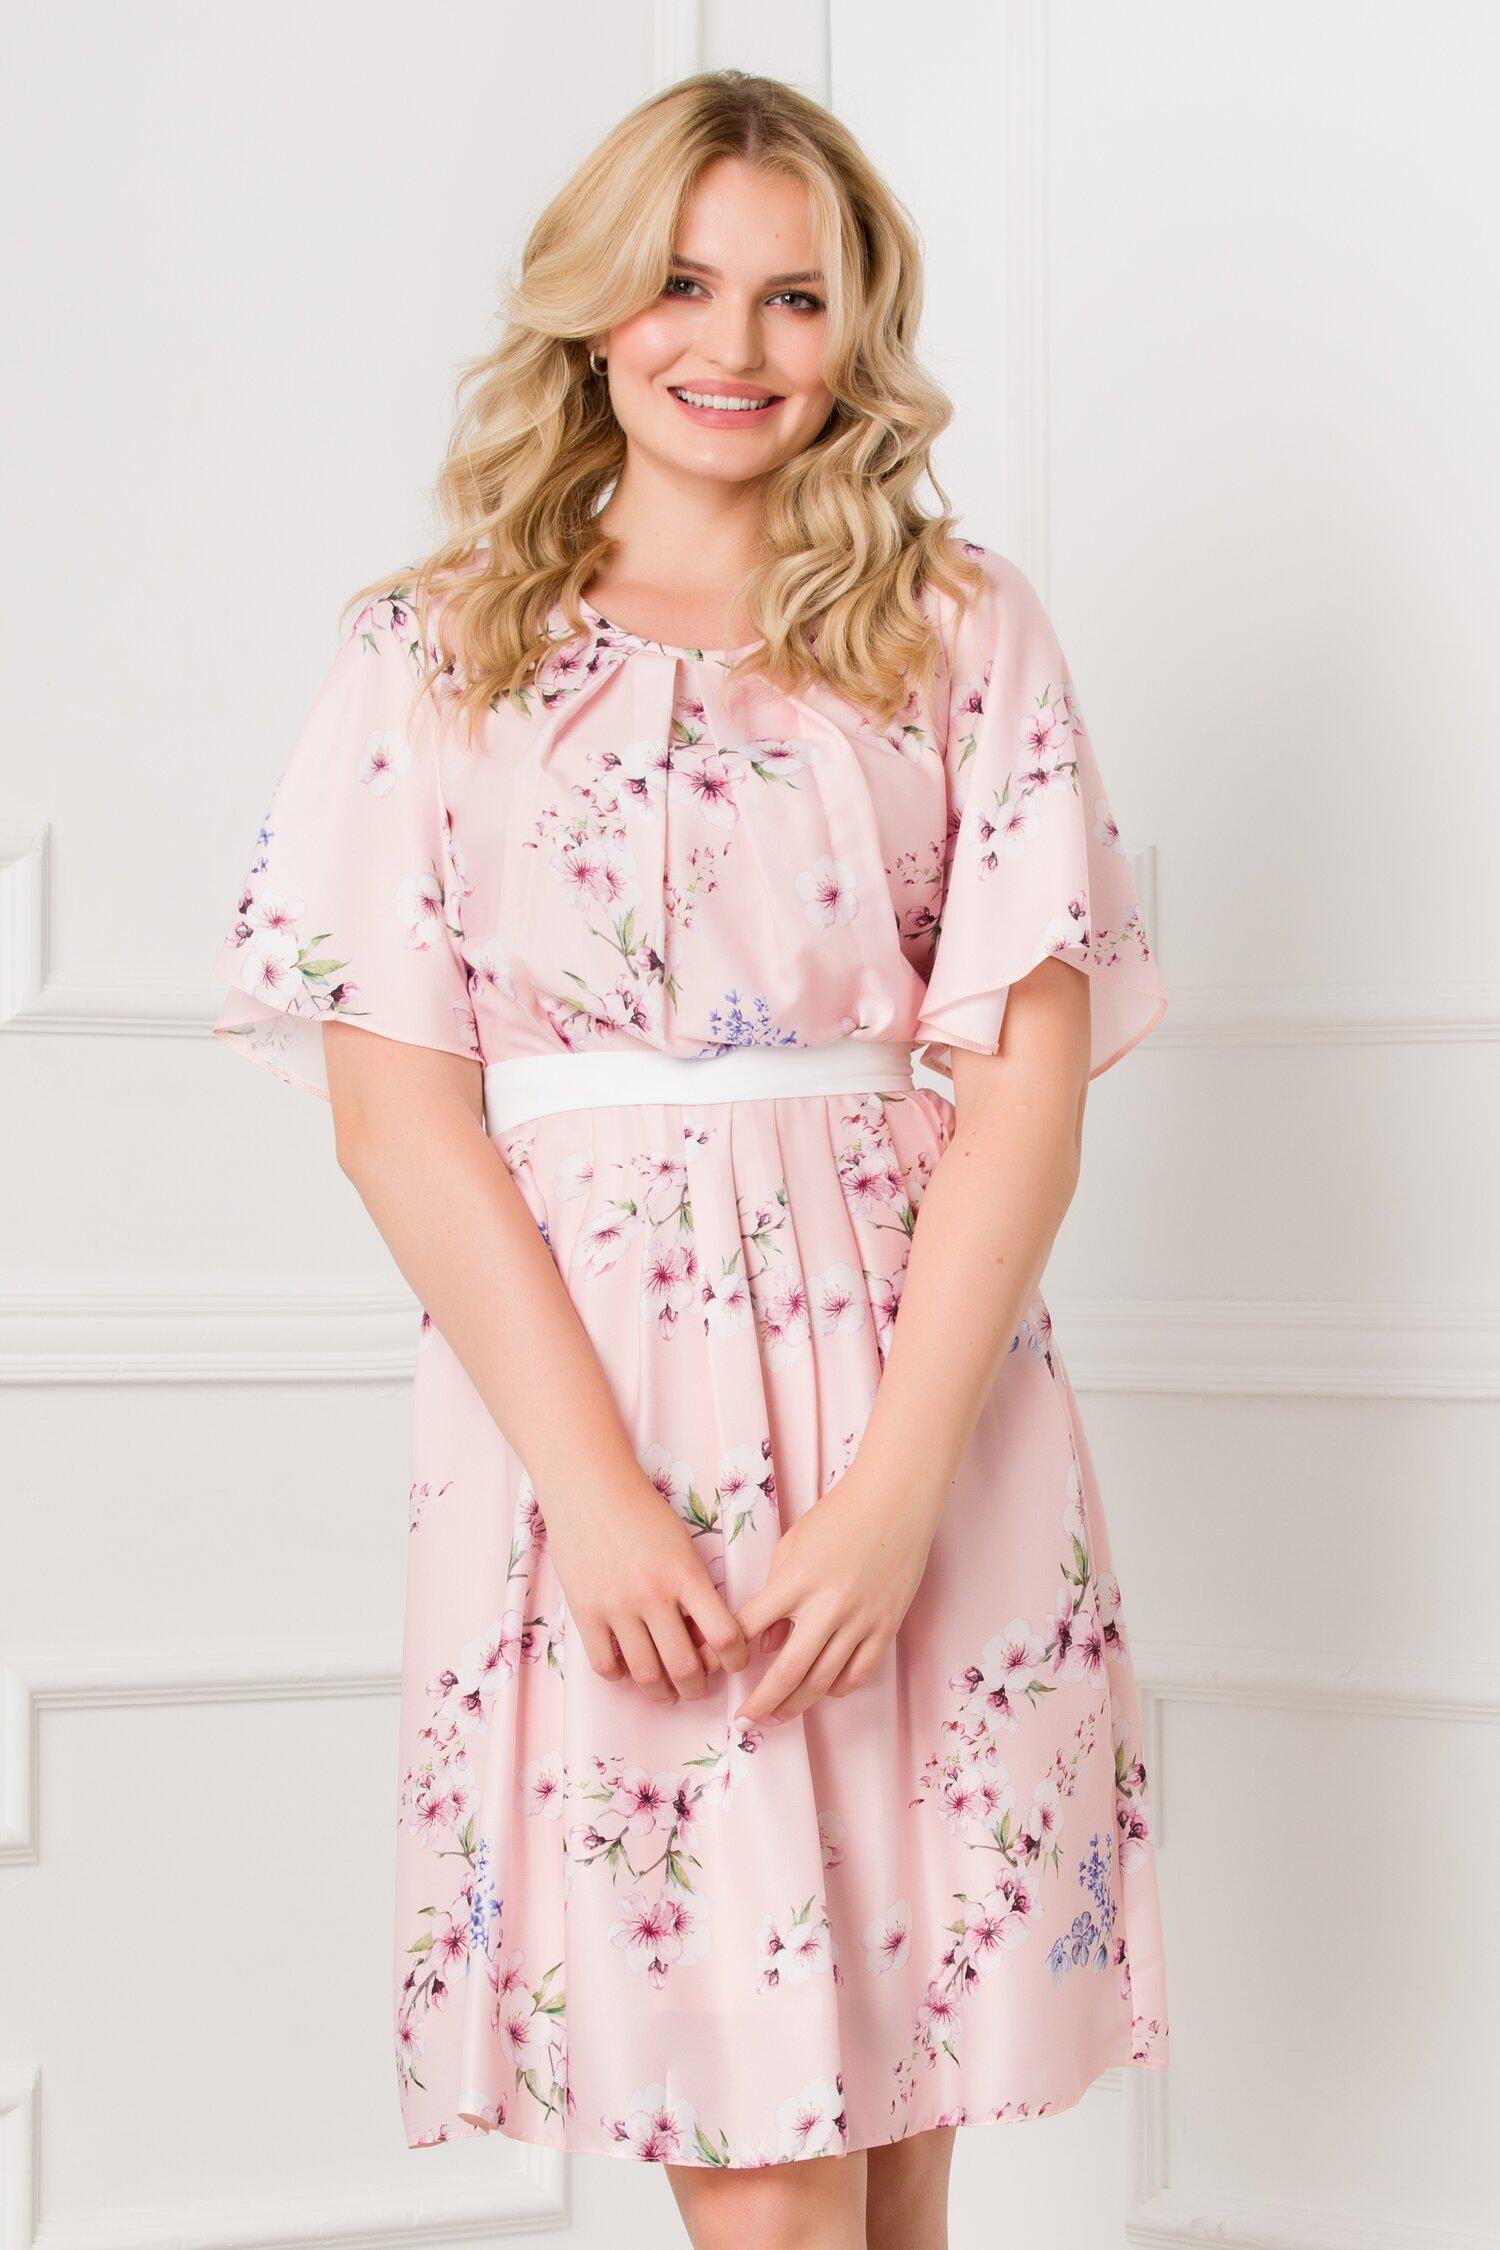 Rochie Elize roz pal cu imprimeu floral pastelat imagine